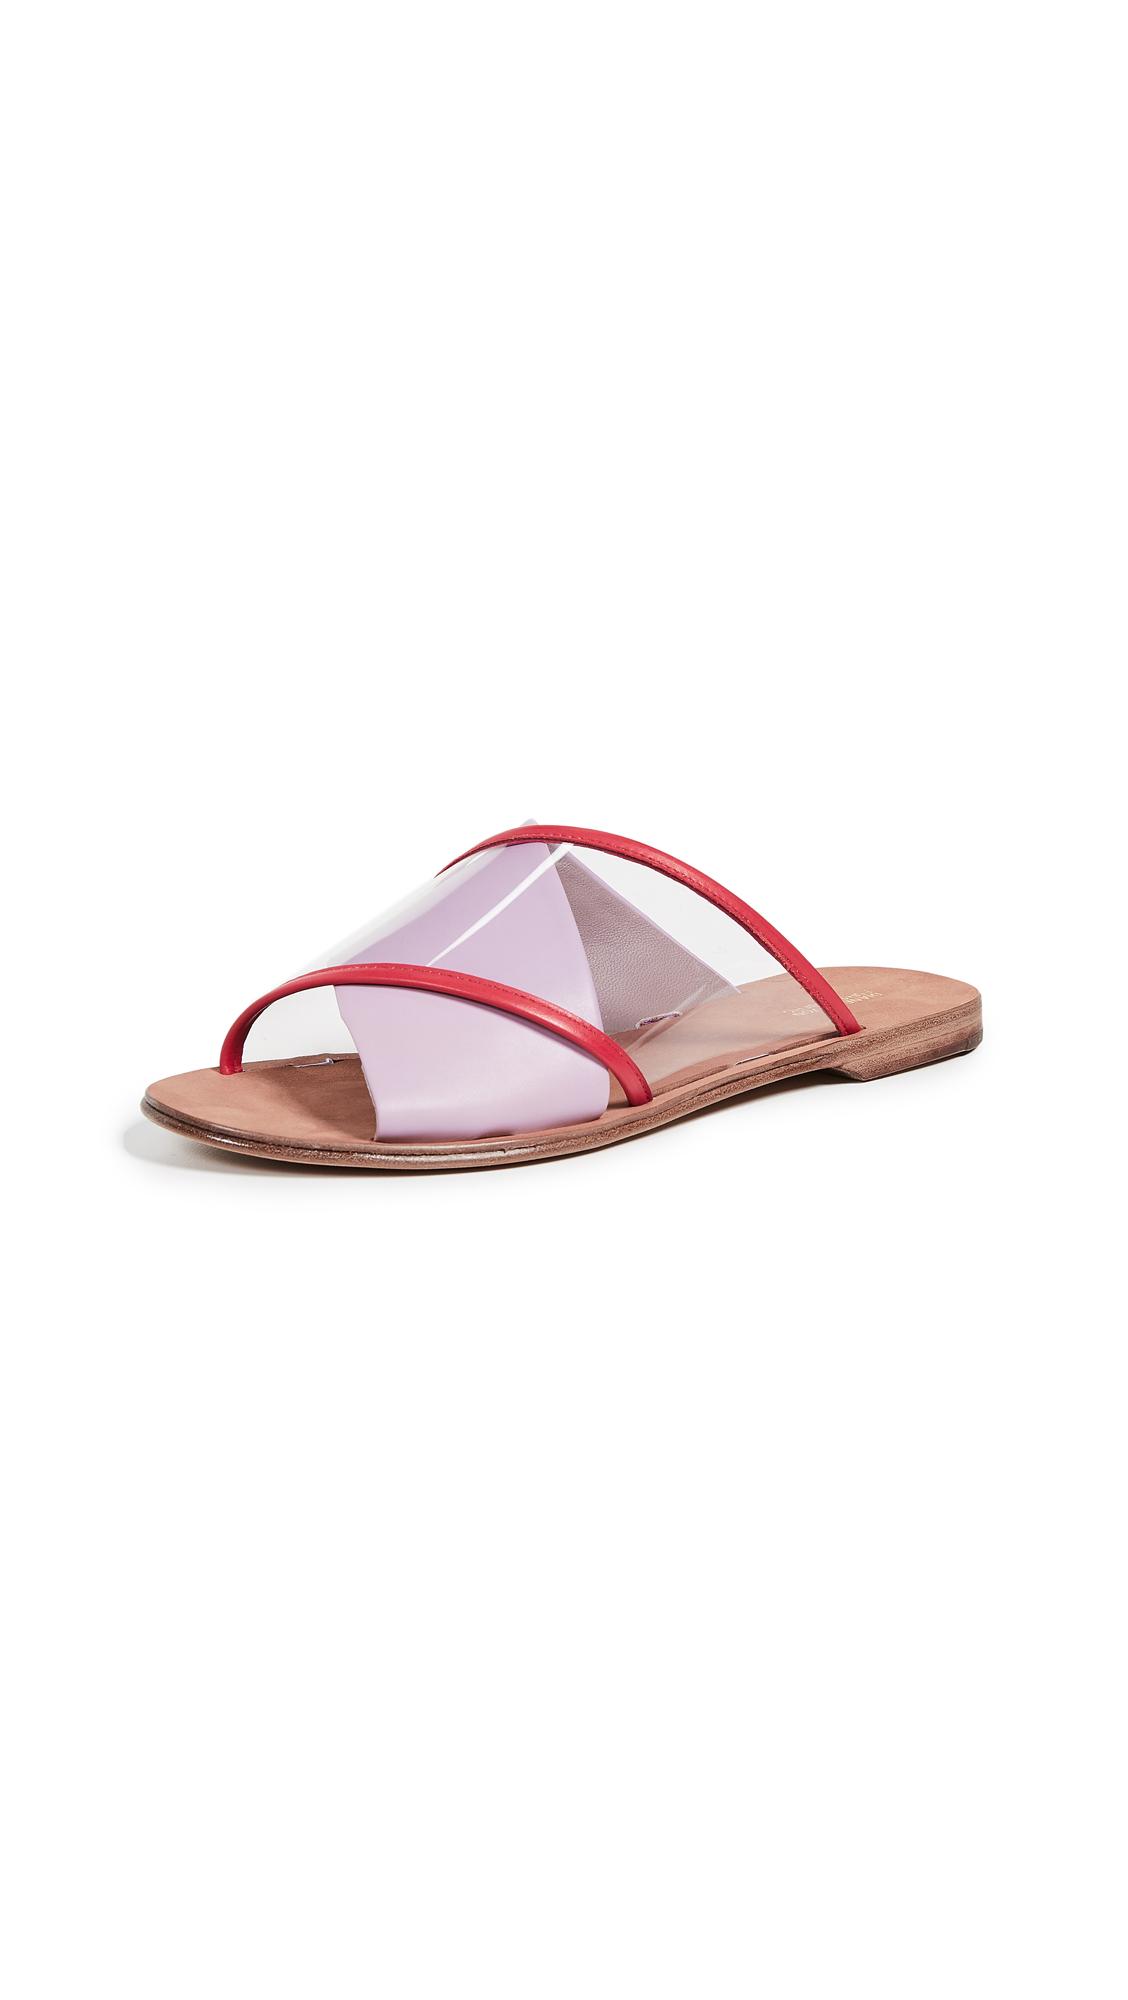 Diane von Furstenberg Bailie 4 Crisscross Slides - Amethyst